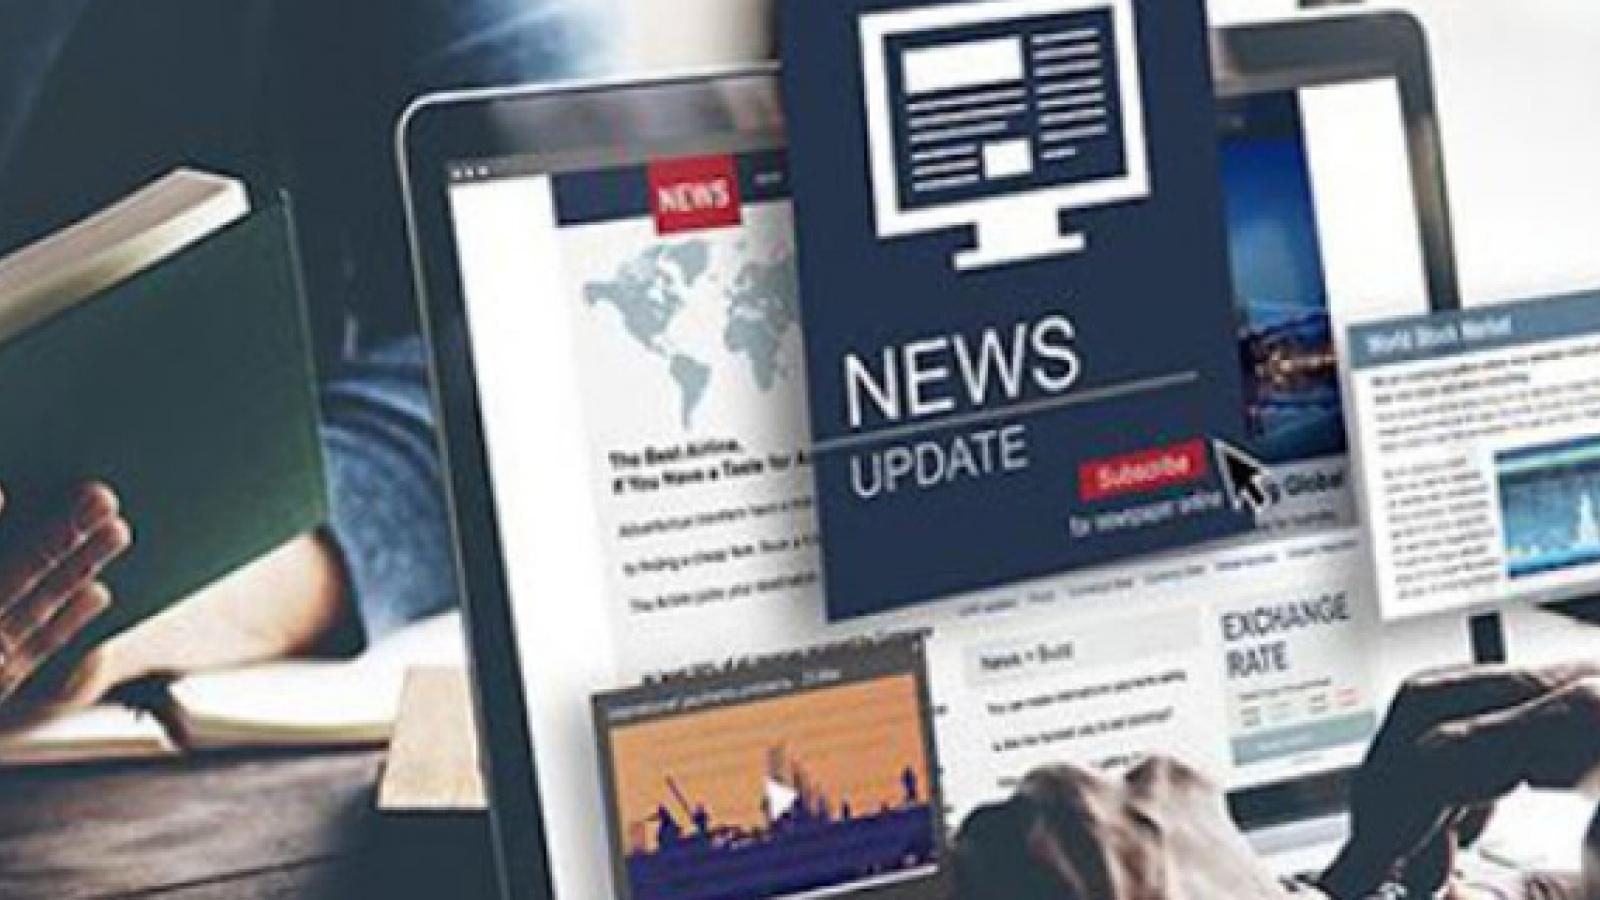 Áp lực chuyển đổi số với các cơ quan báo chí